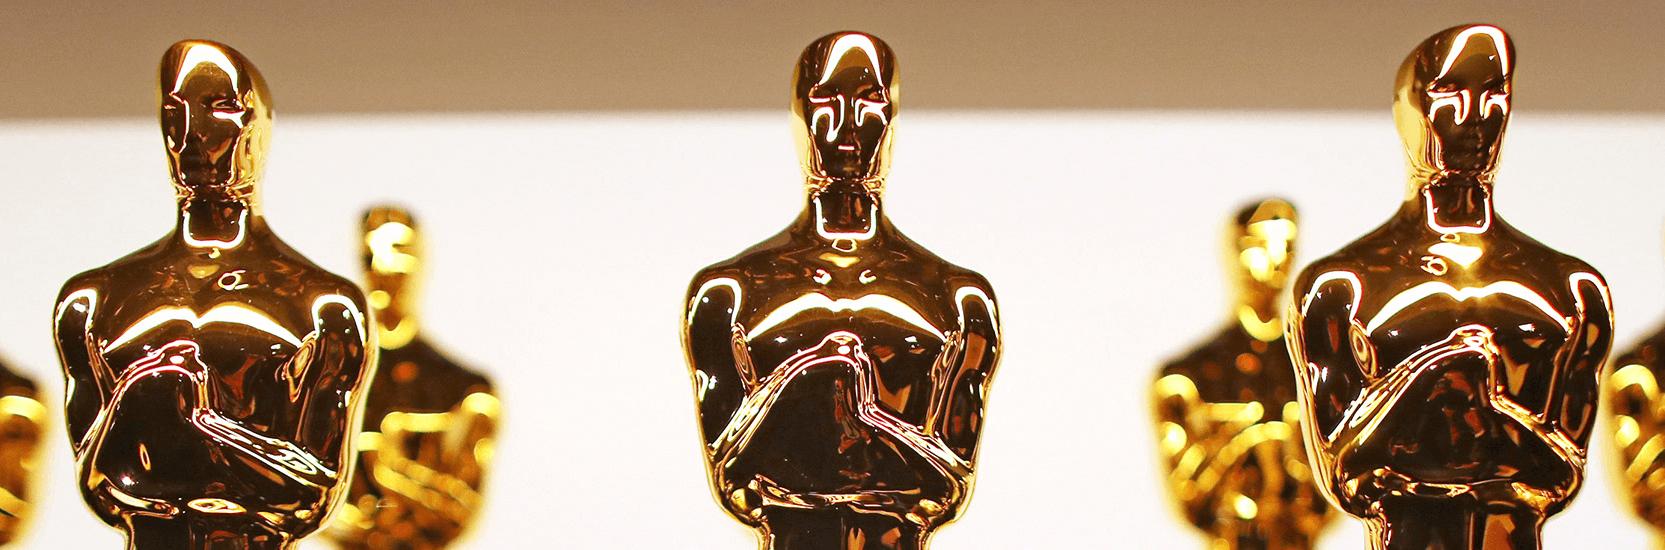 Oscars 2013 : 3 films d'animation français en lice !